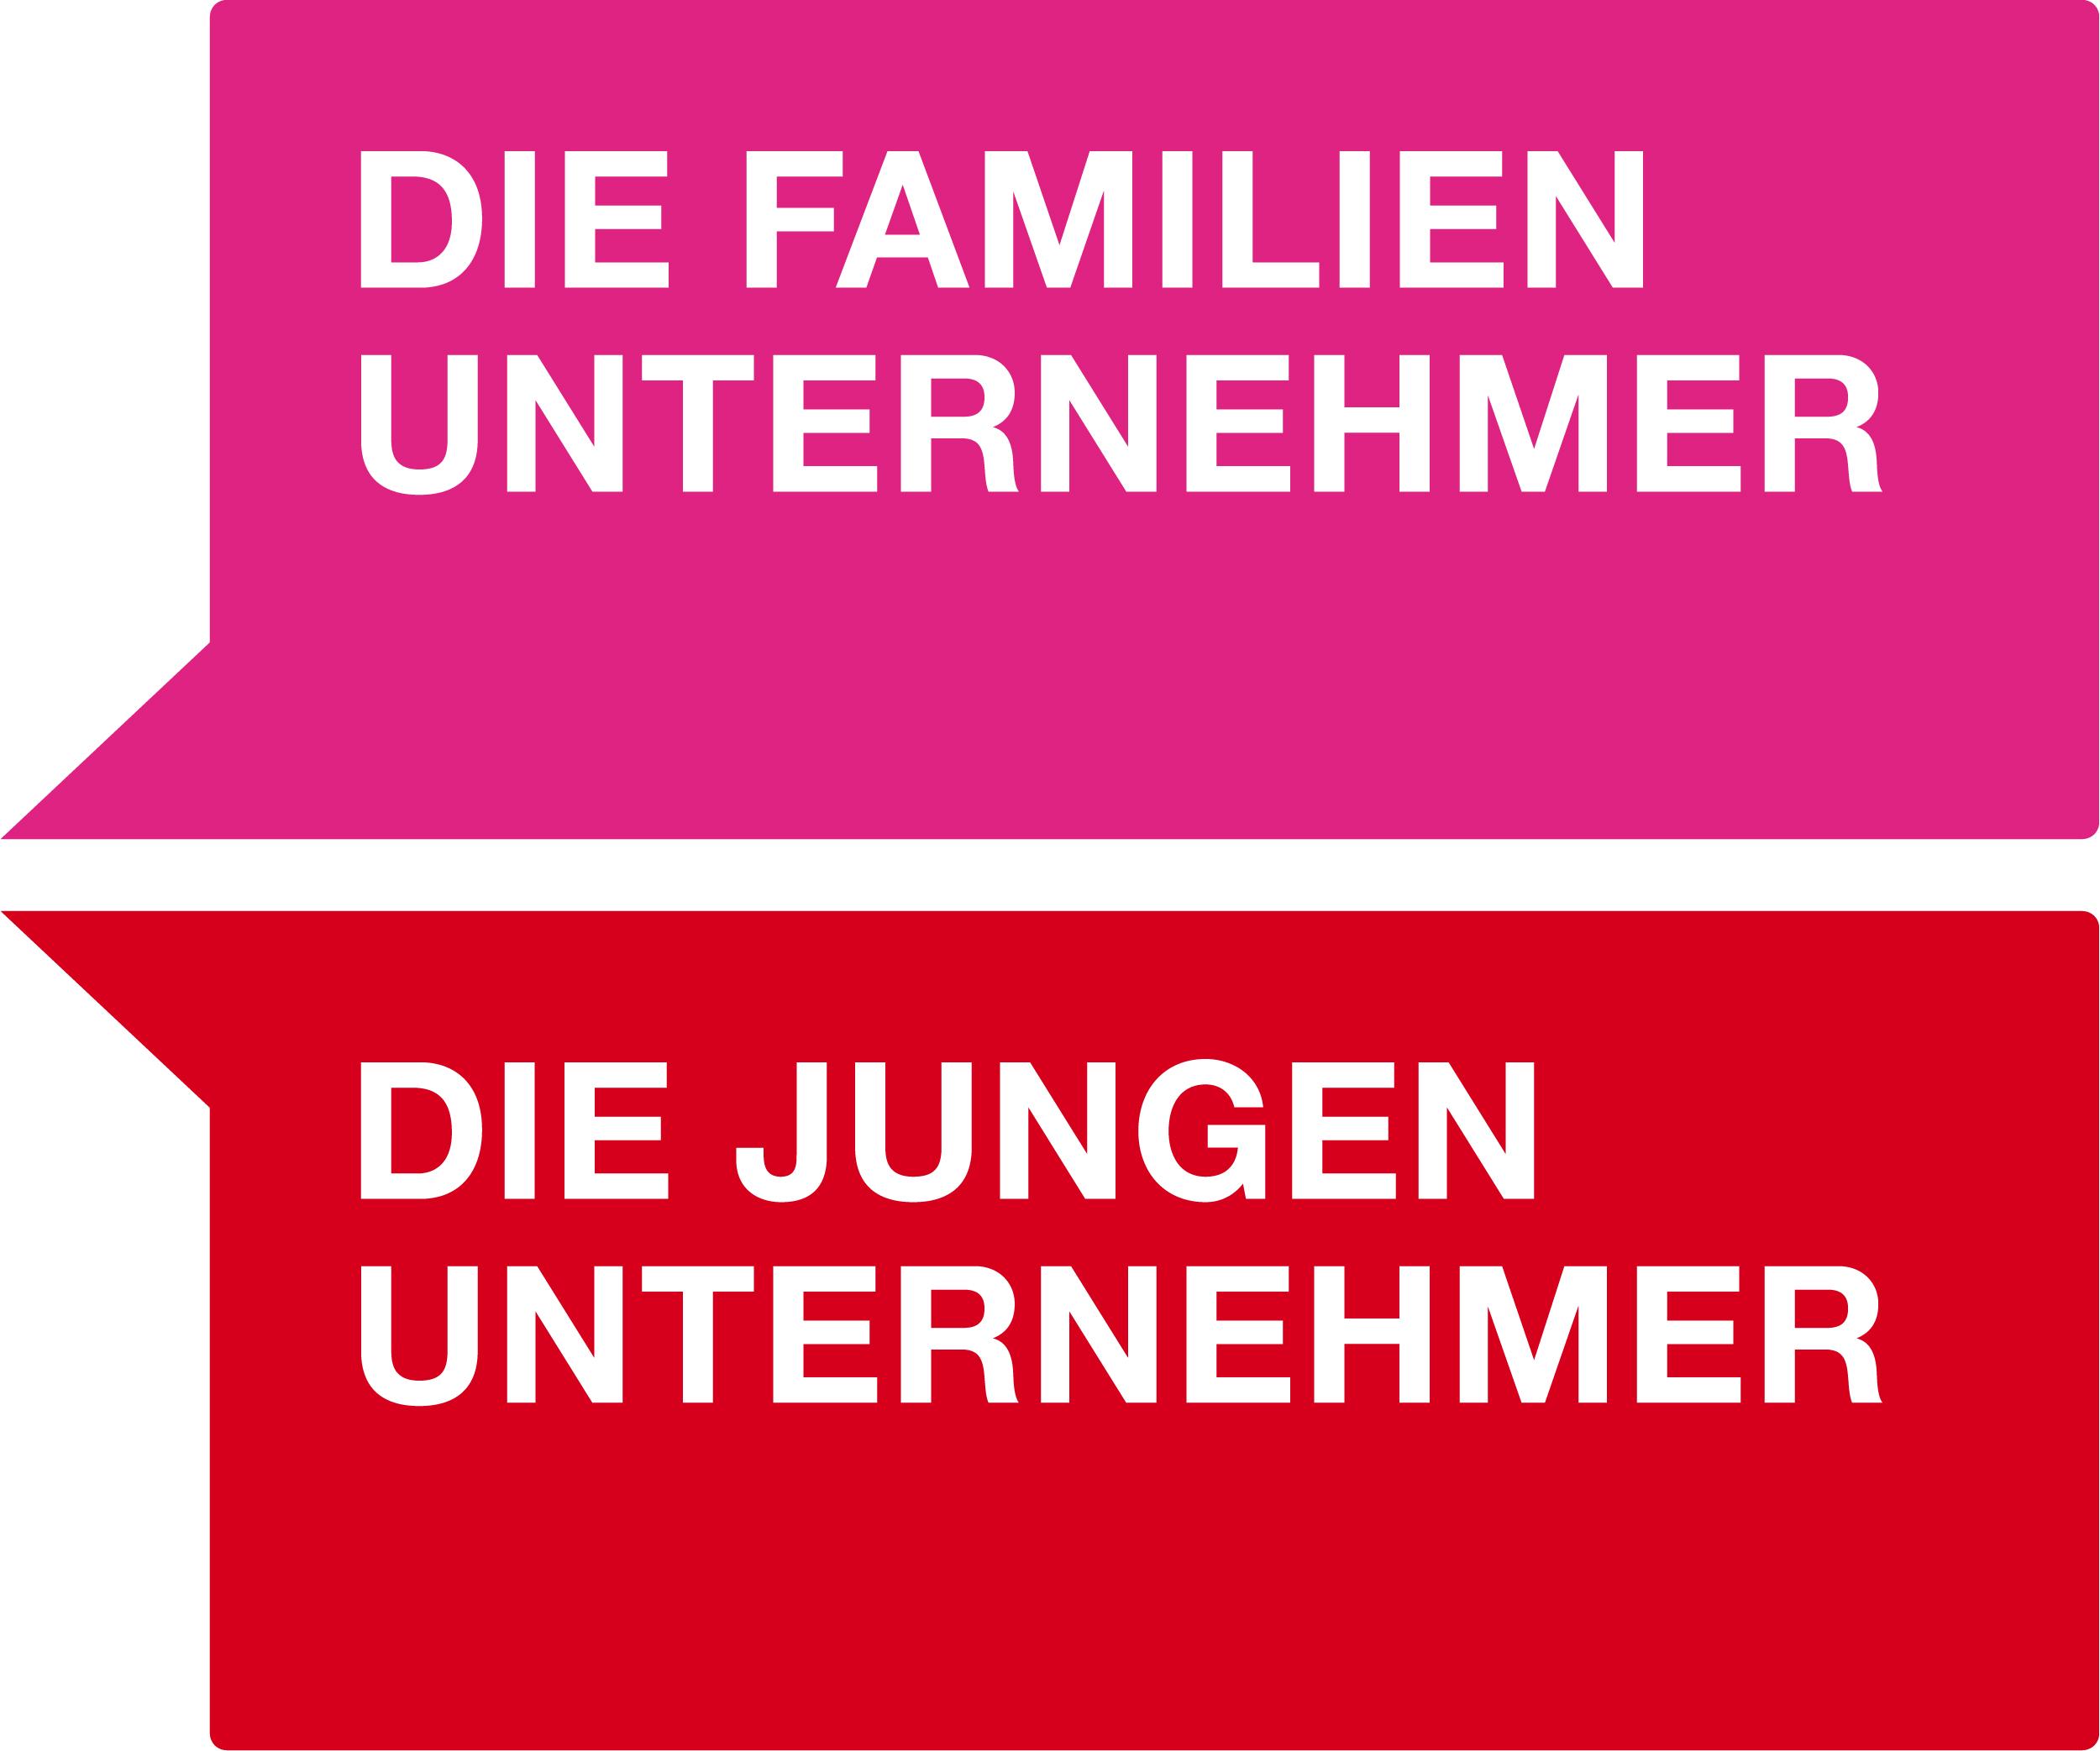 DIE FAMILIENUNTRNEHMER - DIE JUNGEN UNTERNEHMER